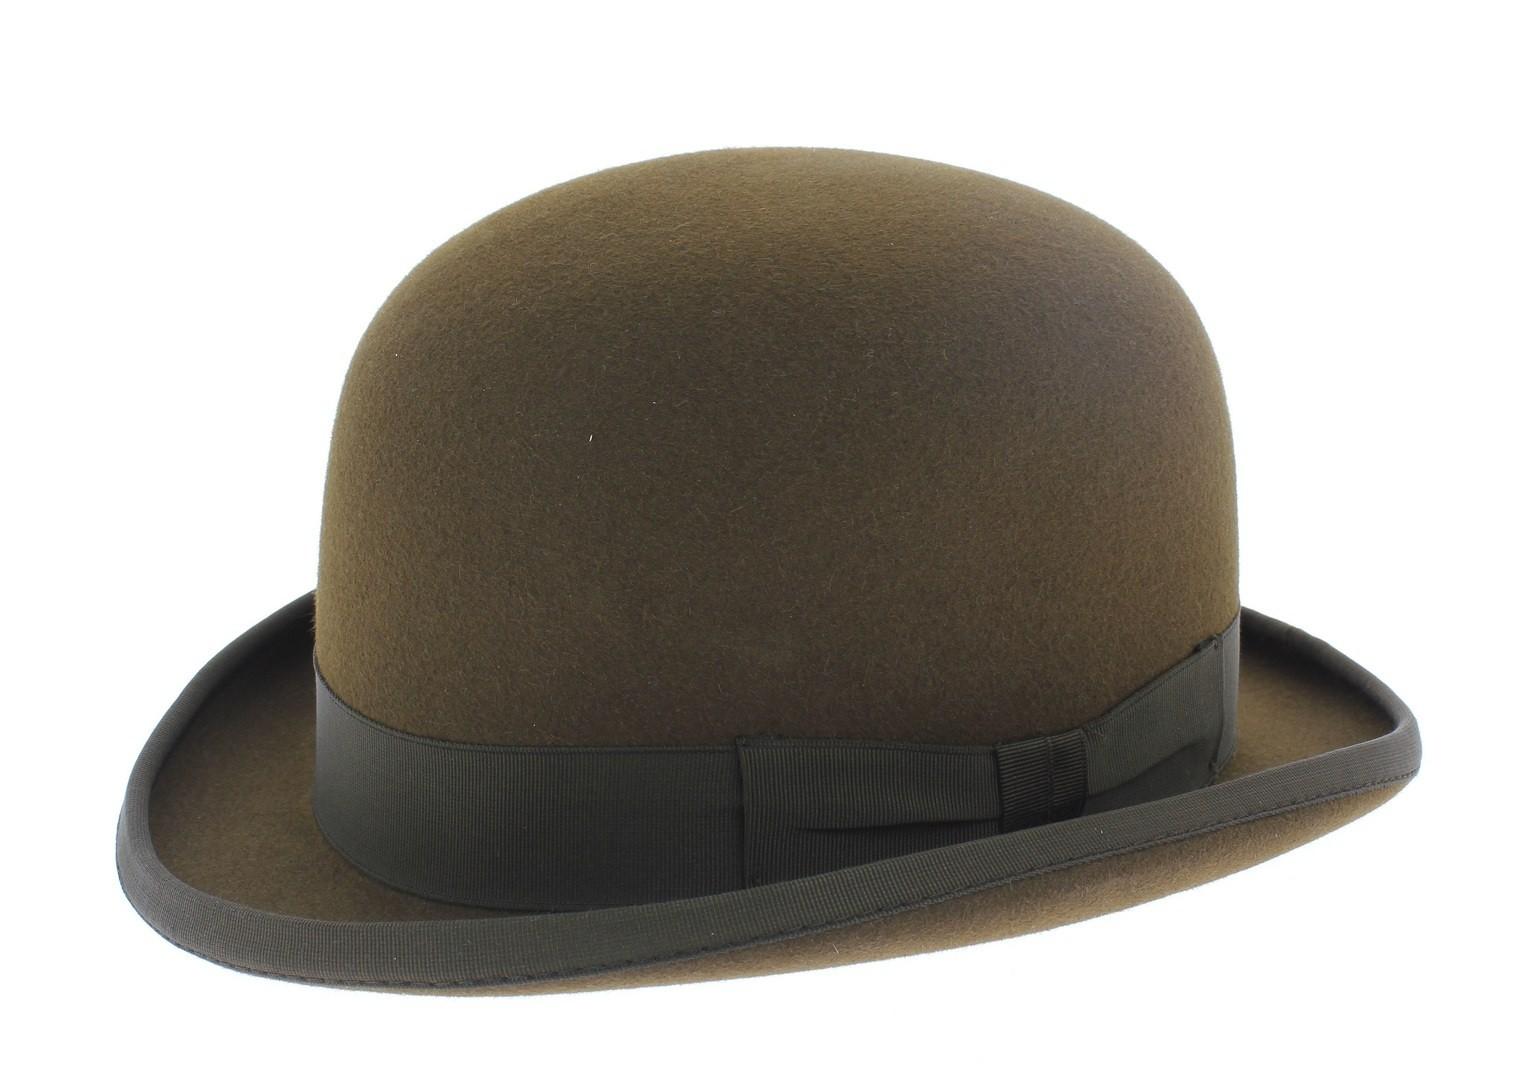 dce0ac7a9 https://www.chapellerie-traclet.com/fr/bonnet/3202-bonnet-a-pompon ...